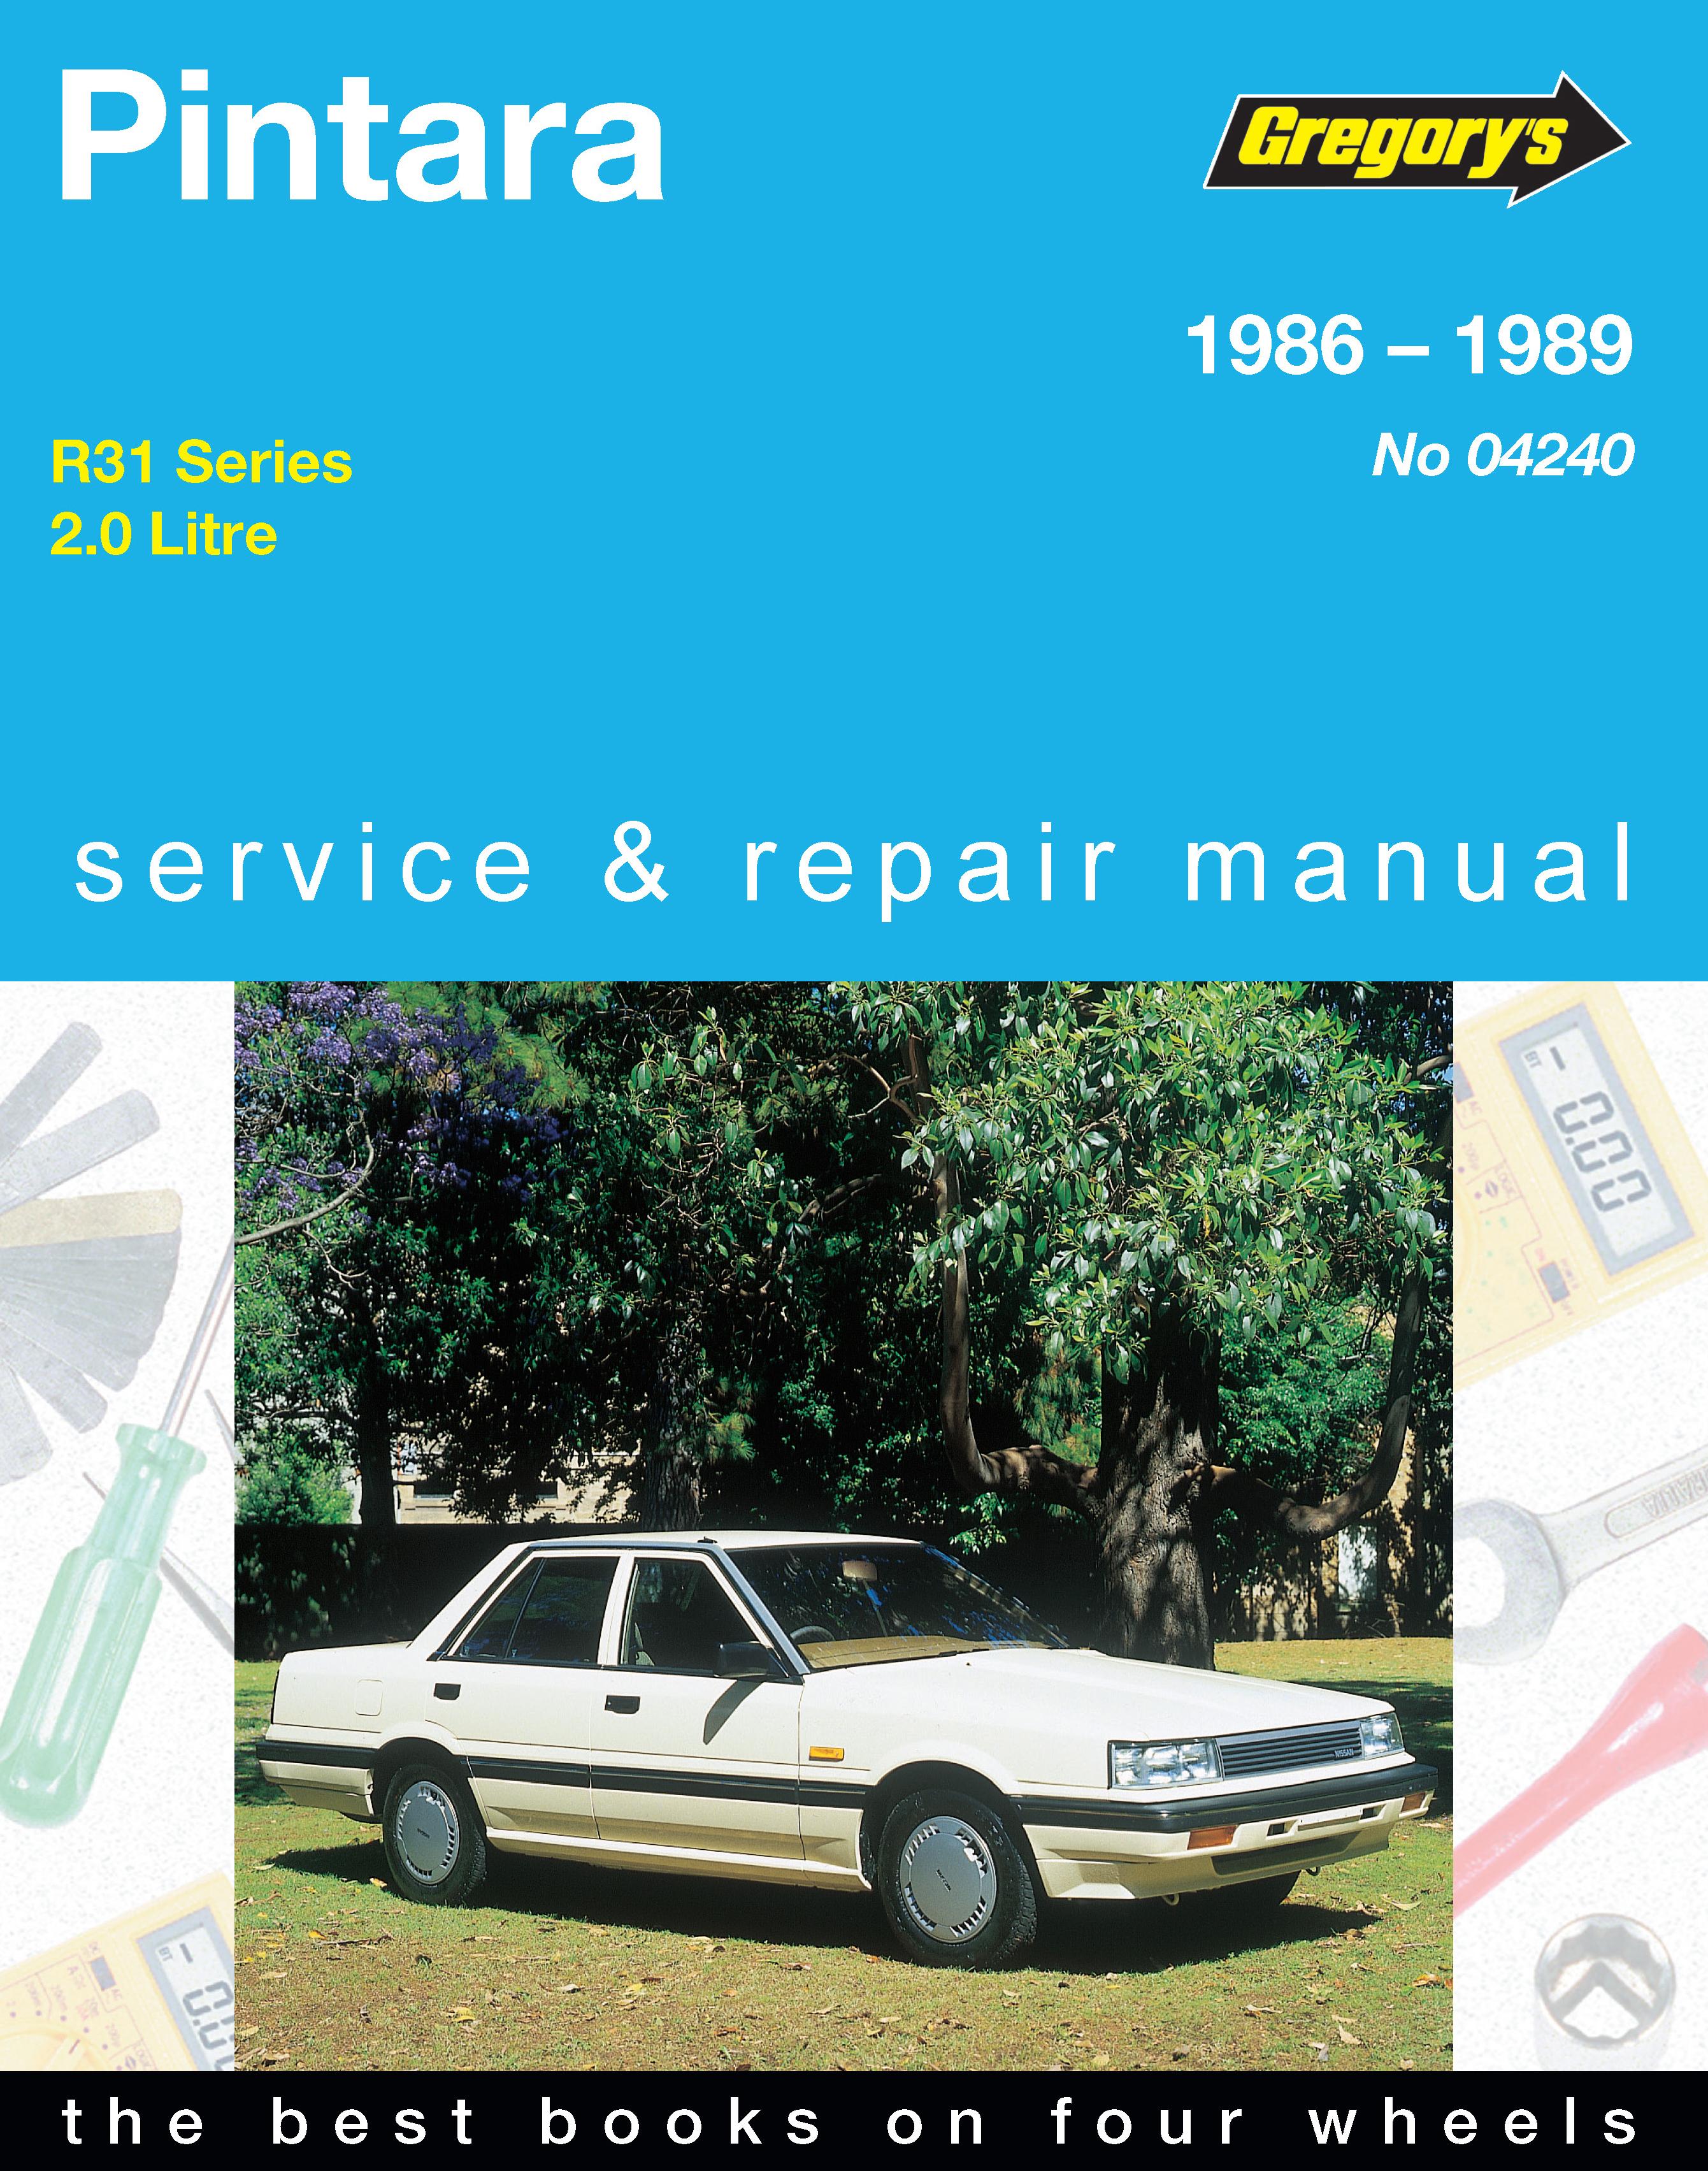 nissan pintara 86 89 gregorys repair manual haynes manuals rh haynes com nissan pintara trx manual nissan pintara u12 workshop manual